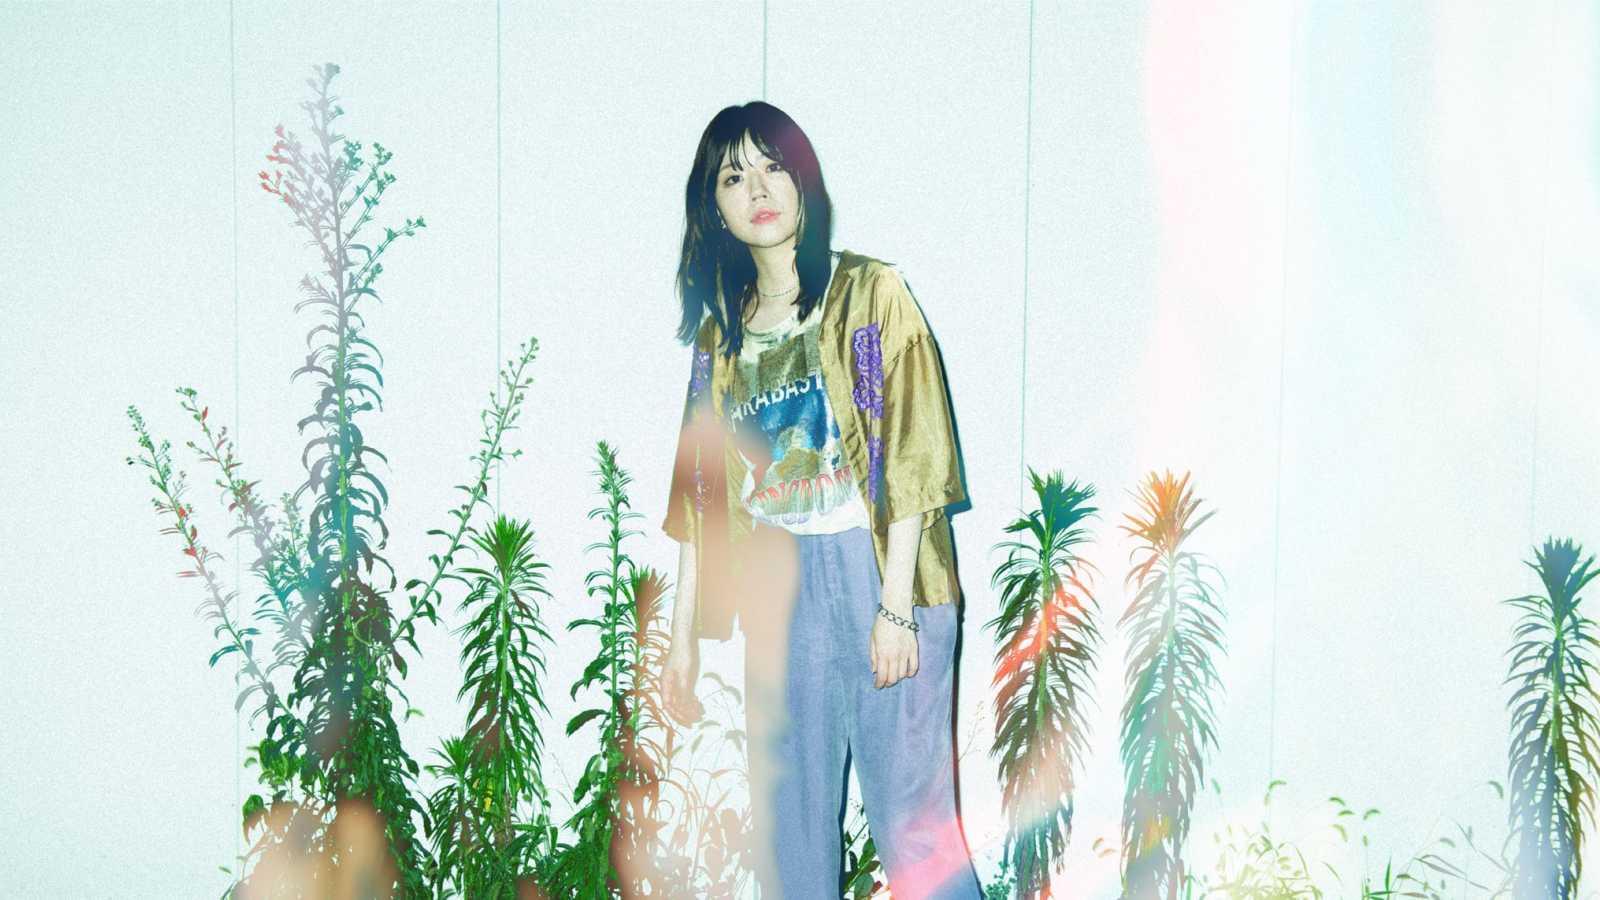 Ikeda Tomoko © Ikeda Tomoko. All rights reserved.